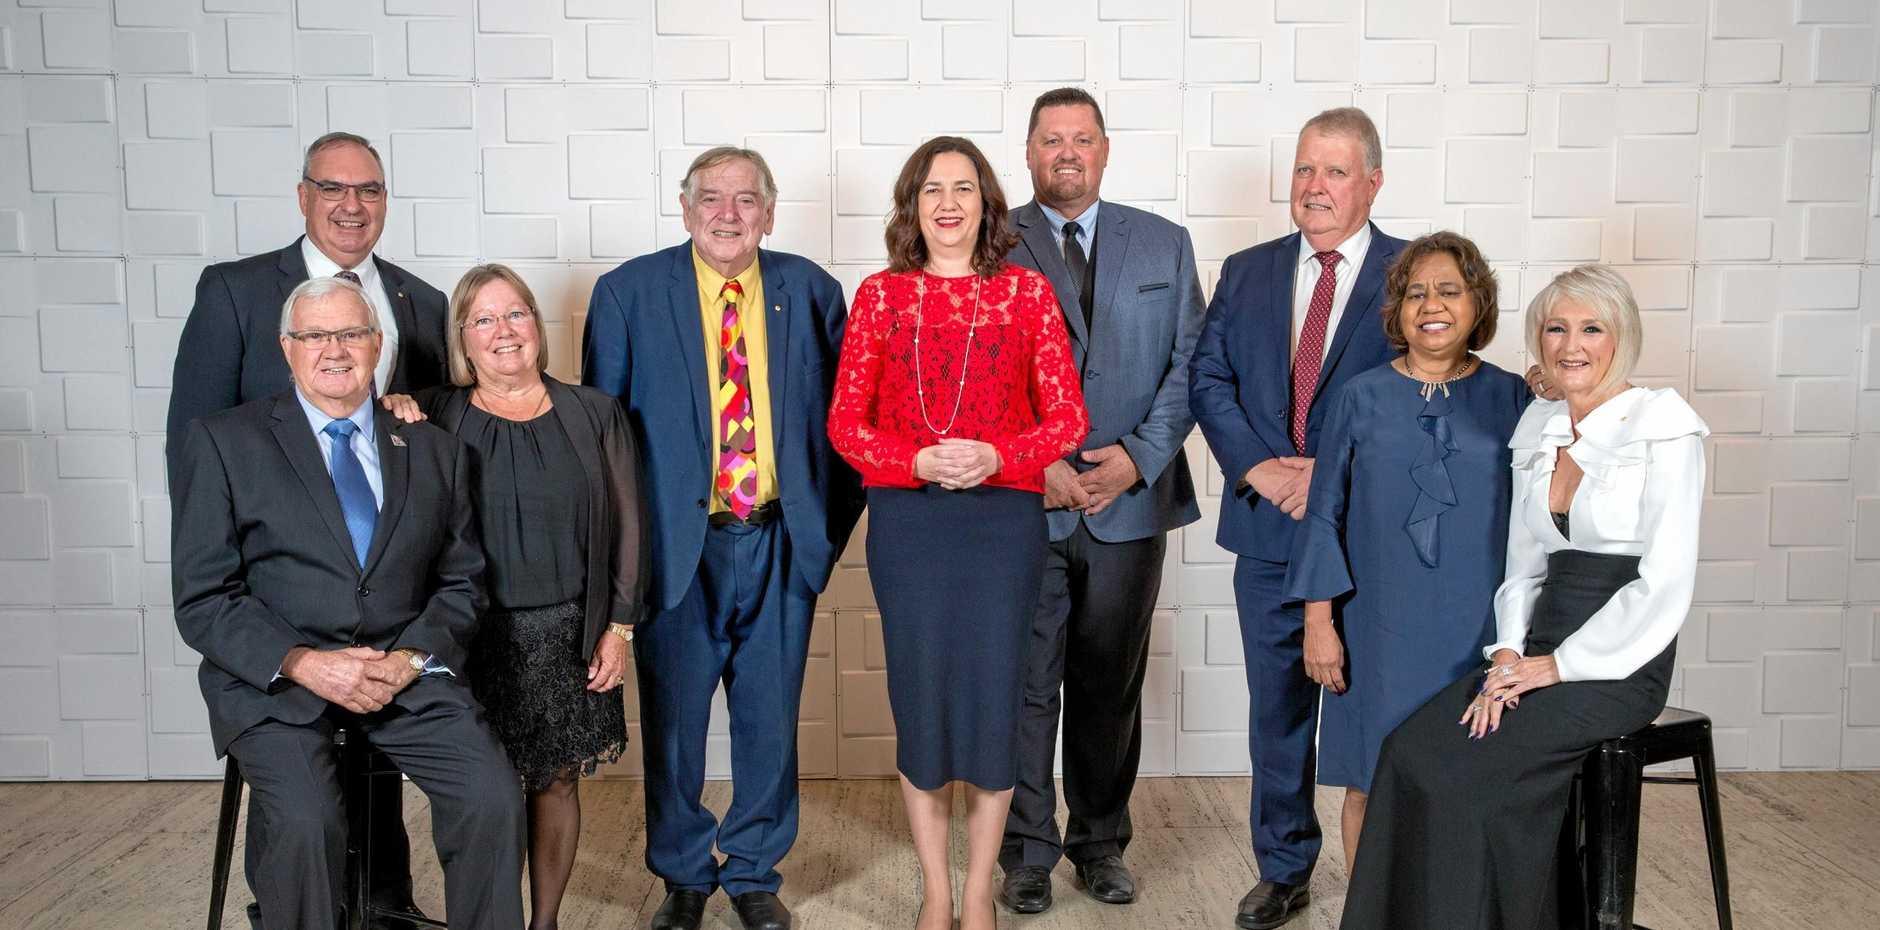 2018 Queensland Greats Awards at Queensland Art Gallery.